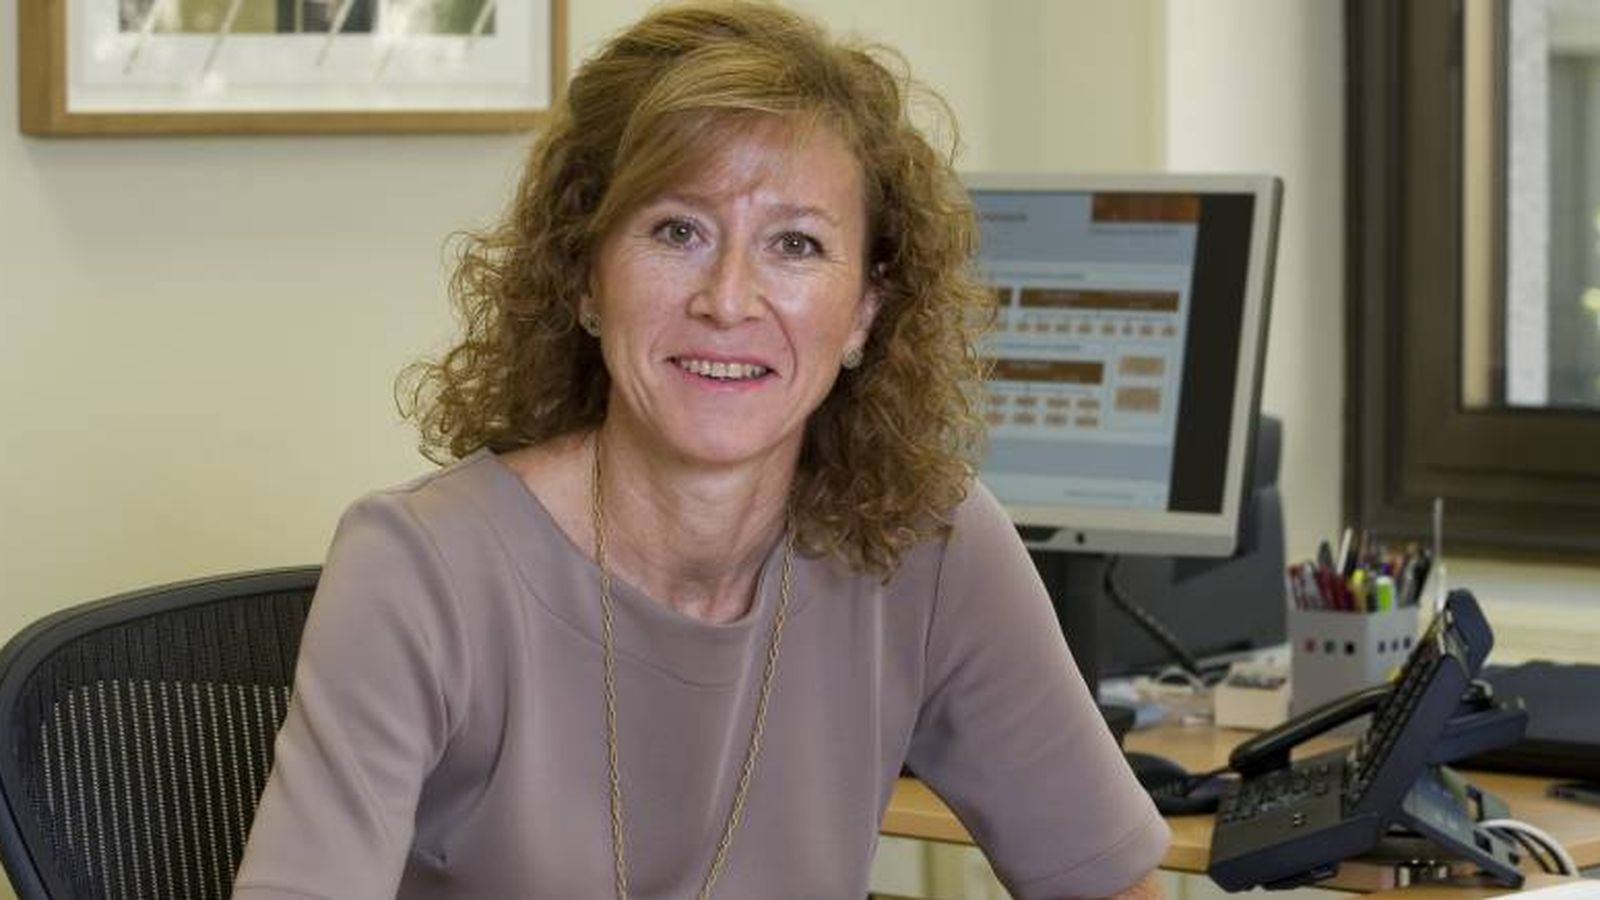 Foto: Margarita Delgado, nueva subgobernadora del Banco de España. (Banco de España)